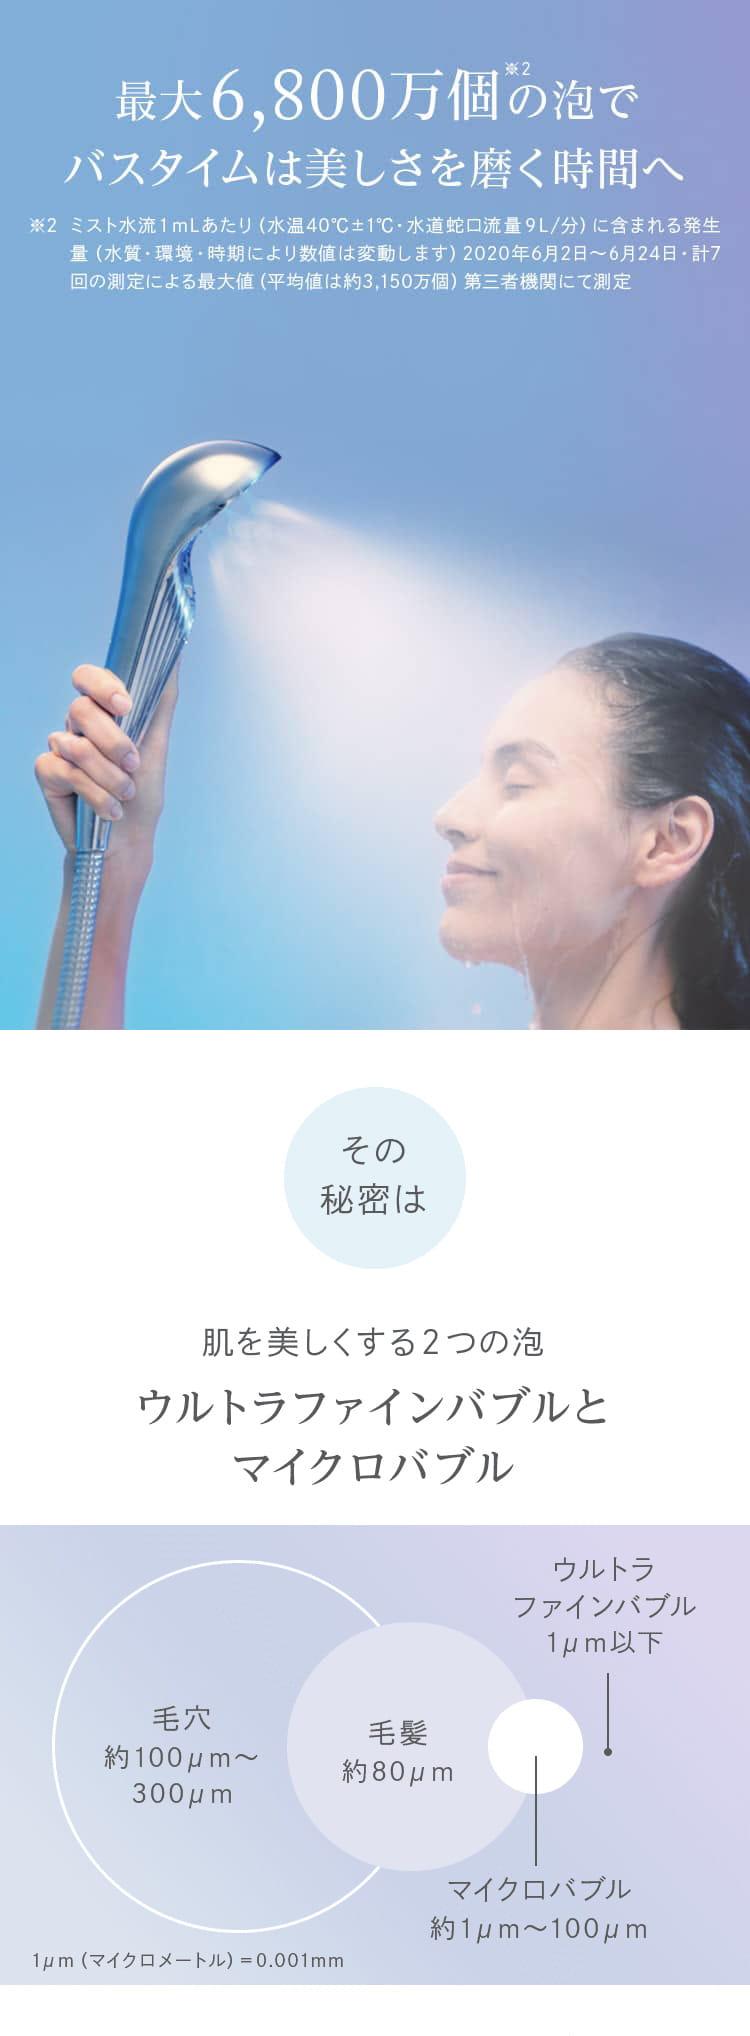 バブル シャワー ファイン ヘッド ウルトラ